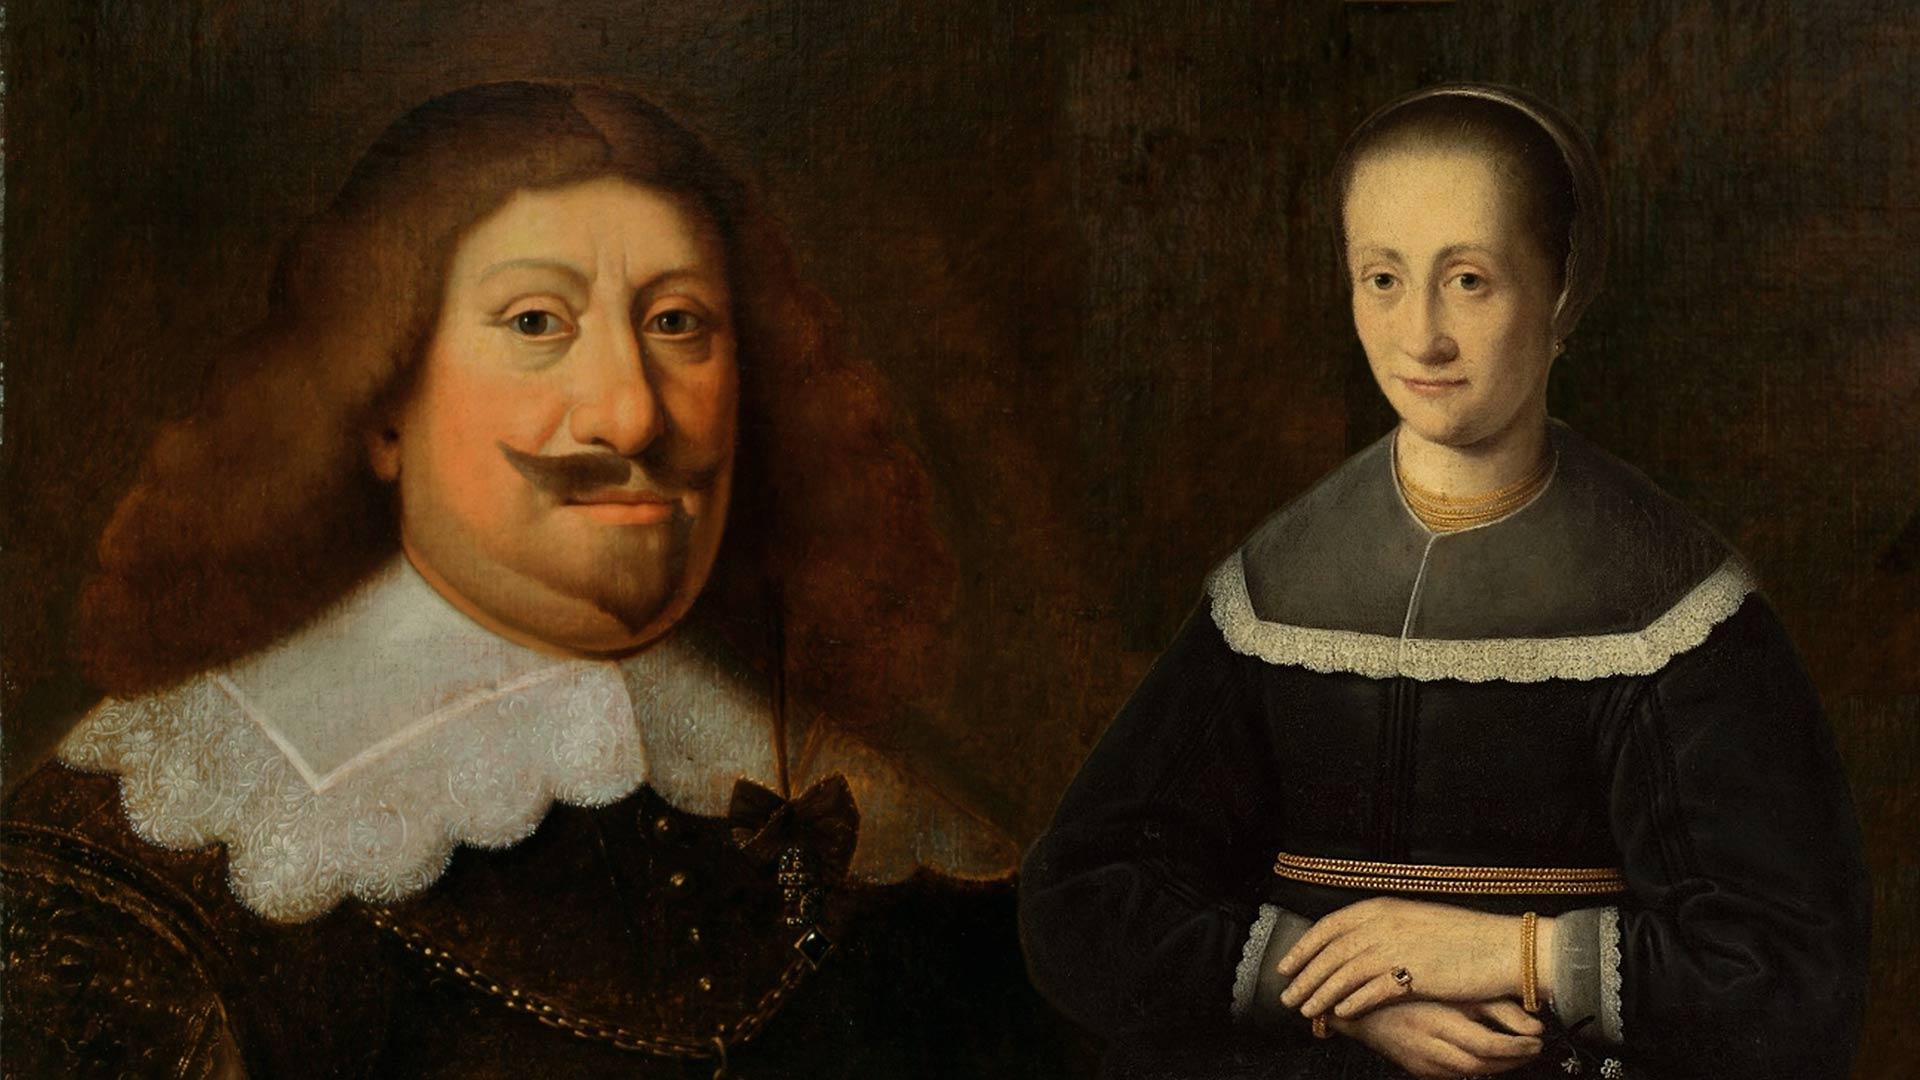 Tak lwowska mieszczanka zrównała się z polską królową. Władysław IV we Lwowie